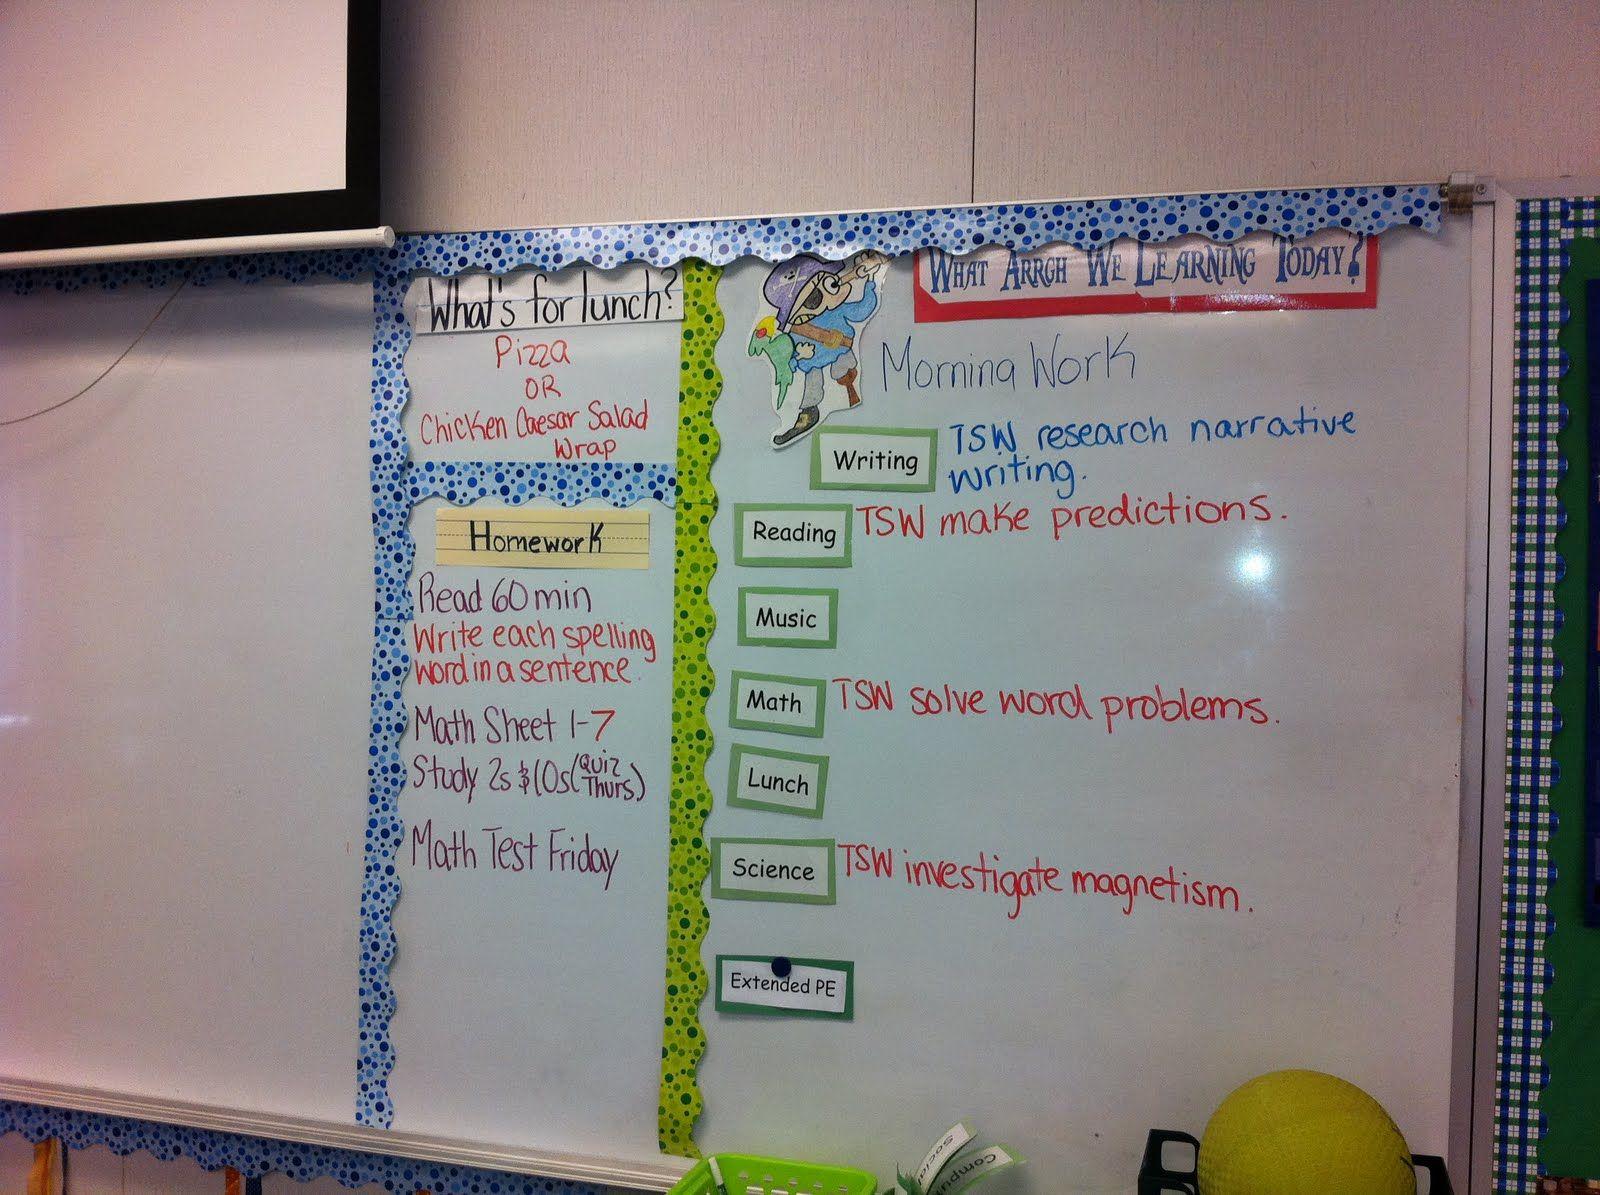 classroom whiteboard ideas. objective board idea on whiteboard! classroom whiteboard ideas